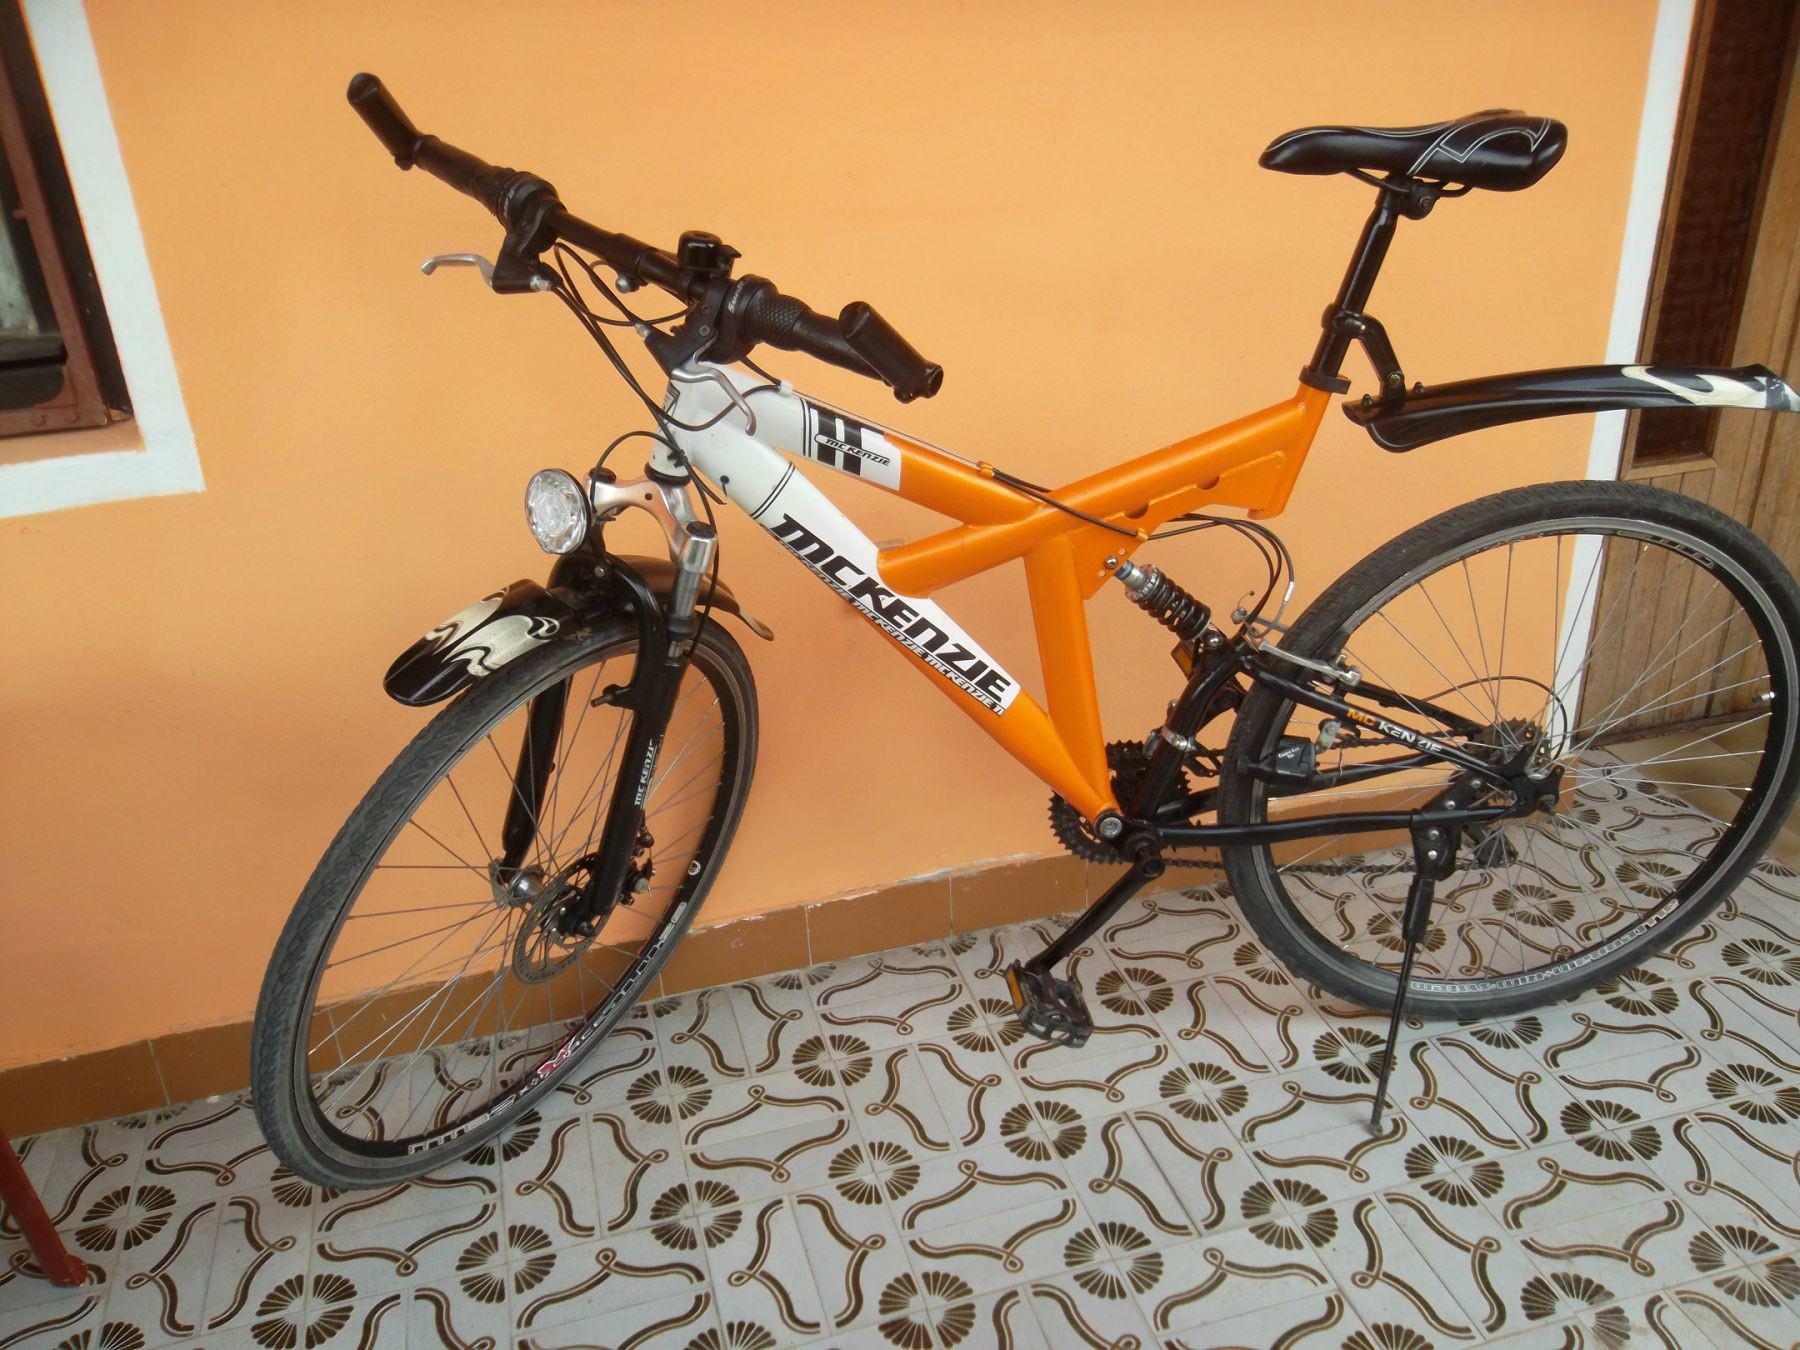 scheibenbremse nachr sten mckanzie hill 400 x fahrrad. Black Bedroom Furniture Sets. Home Design Ideas